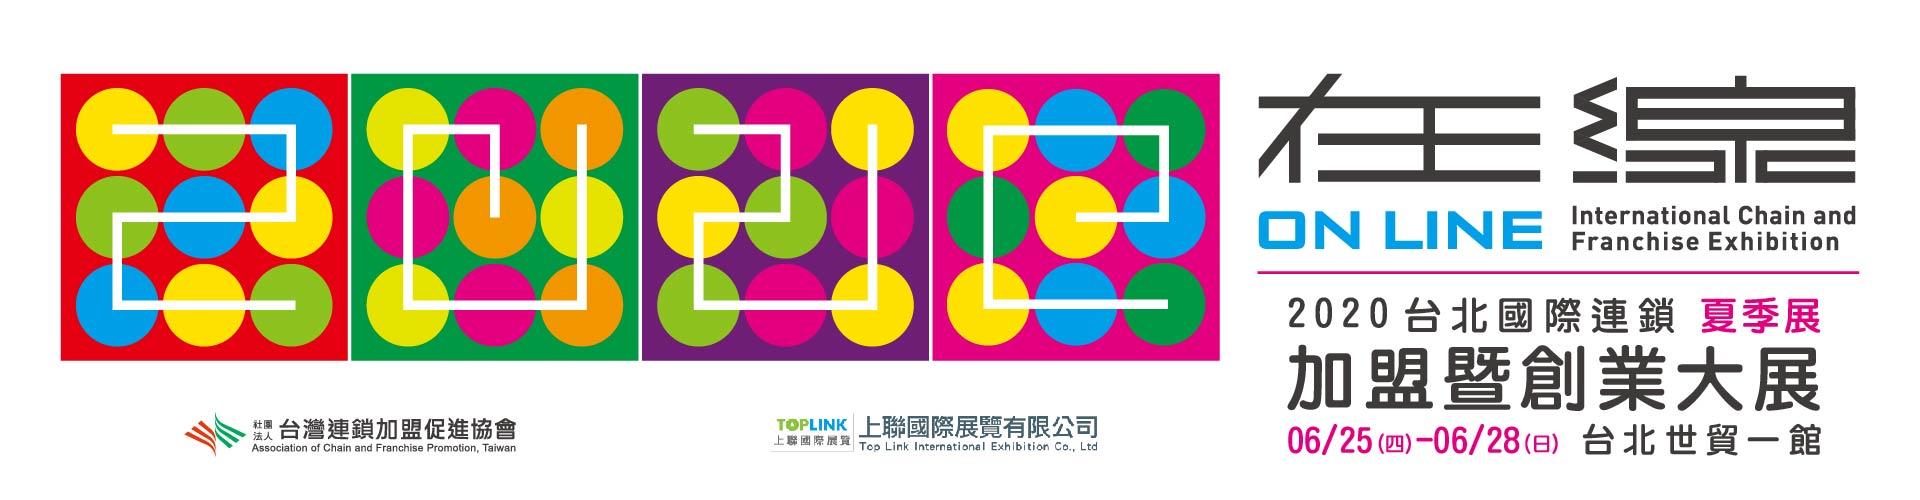 2020台北國際連鎖加盟大展-夏季展